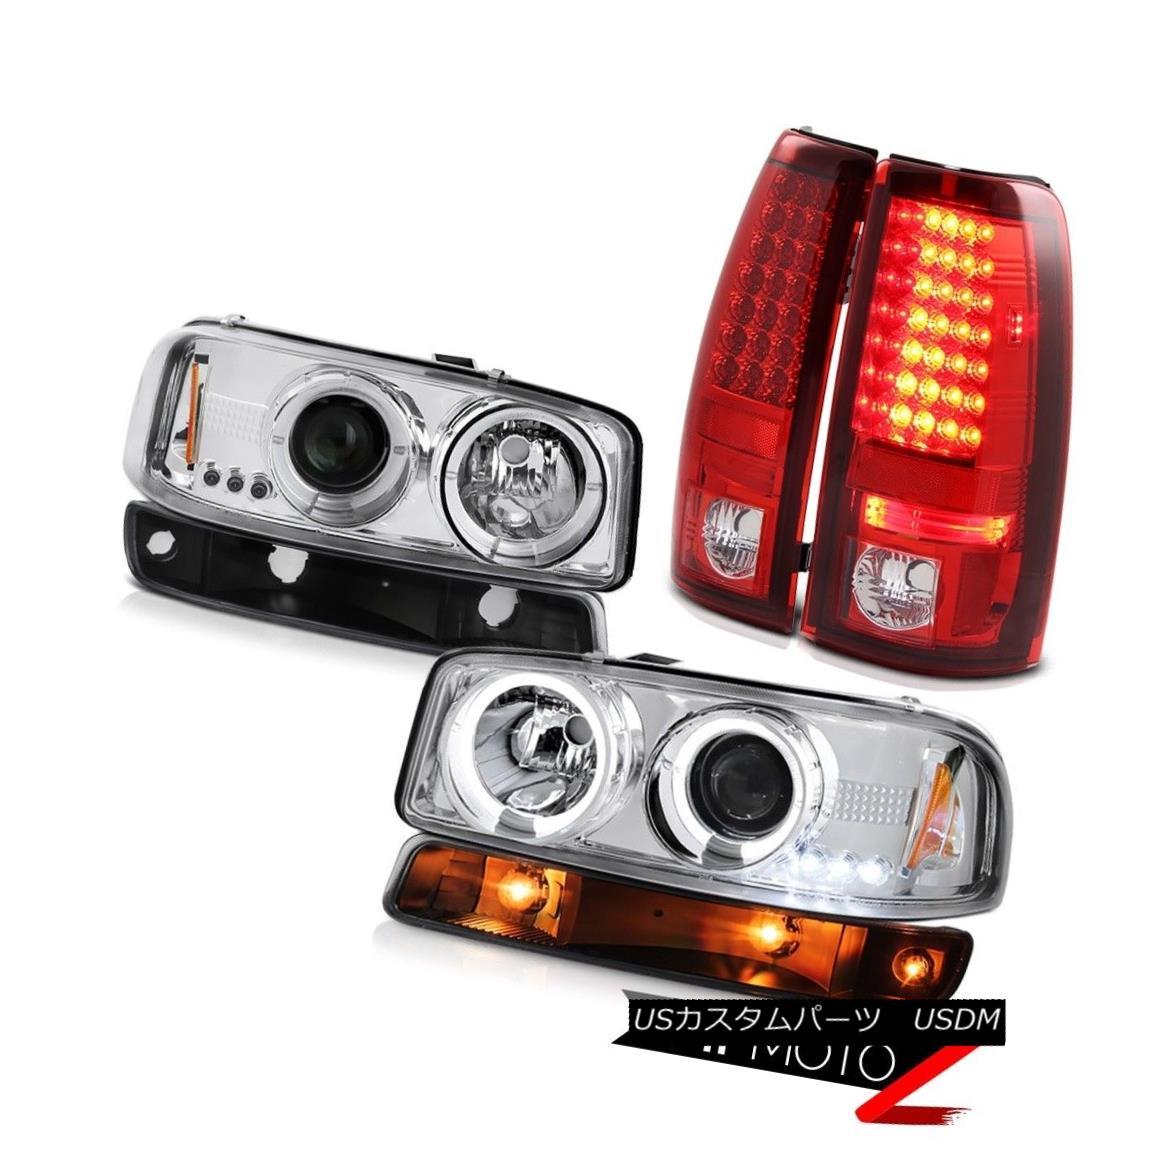 ヘッドライト 99-06 Sierra 2500HD Red clear rear brake lamps bumper light chrome Headlights 99-06 Sierra 2500HDレッドクリアリアブレーキランプバンパーライトクロームヘッドライト